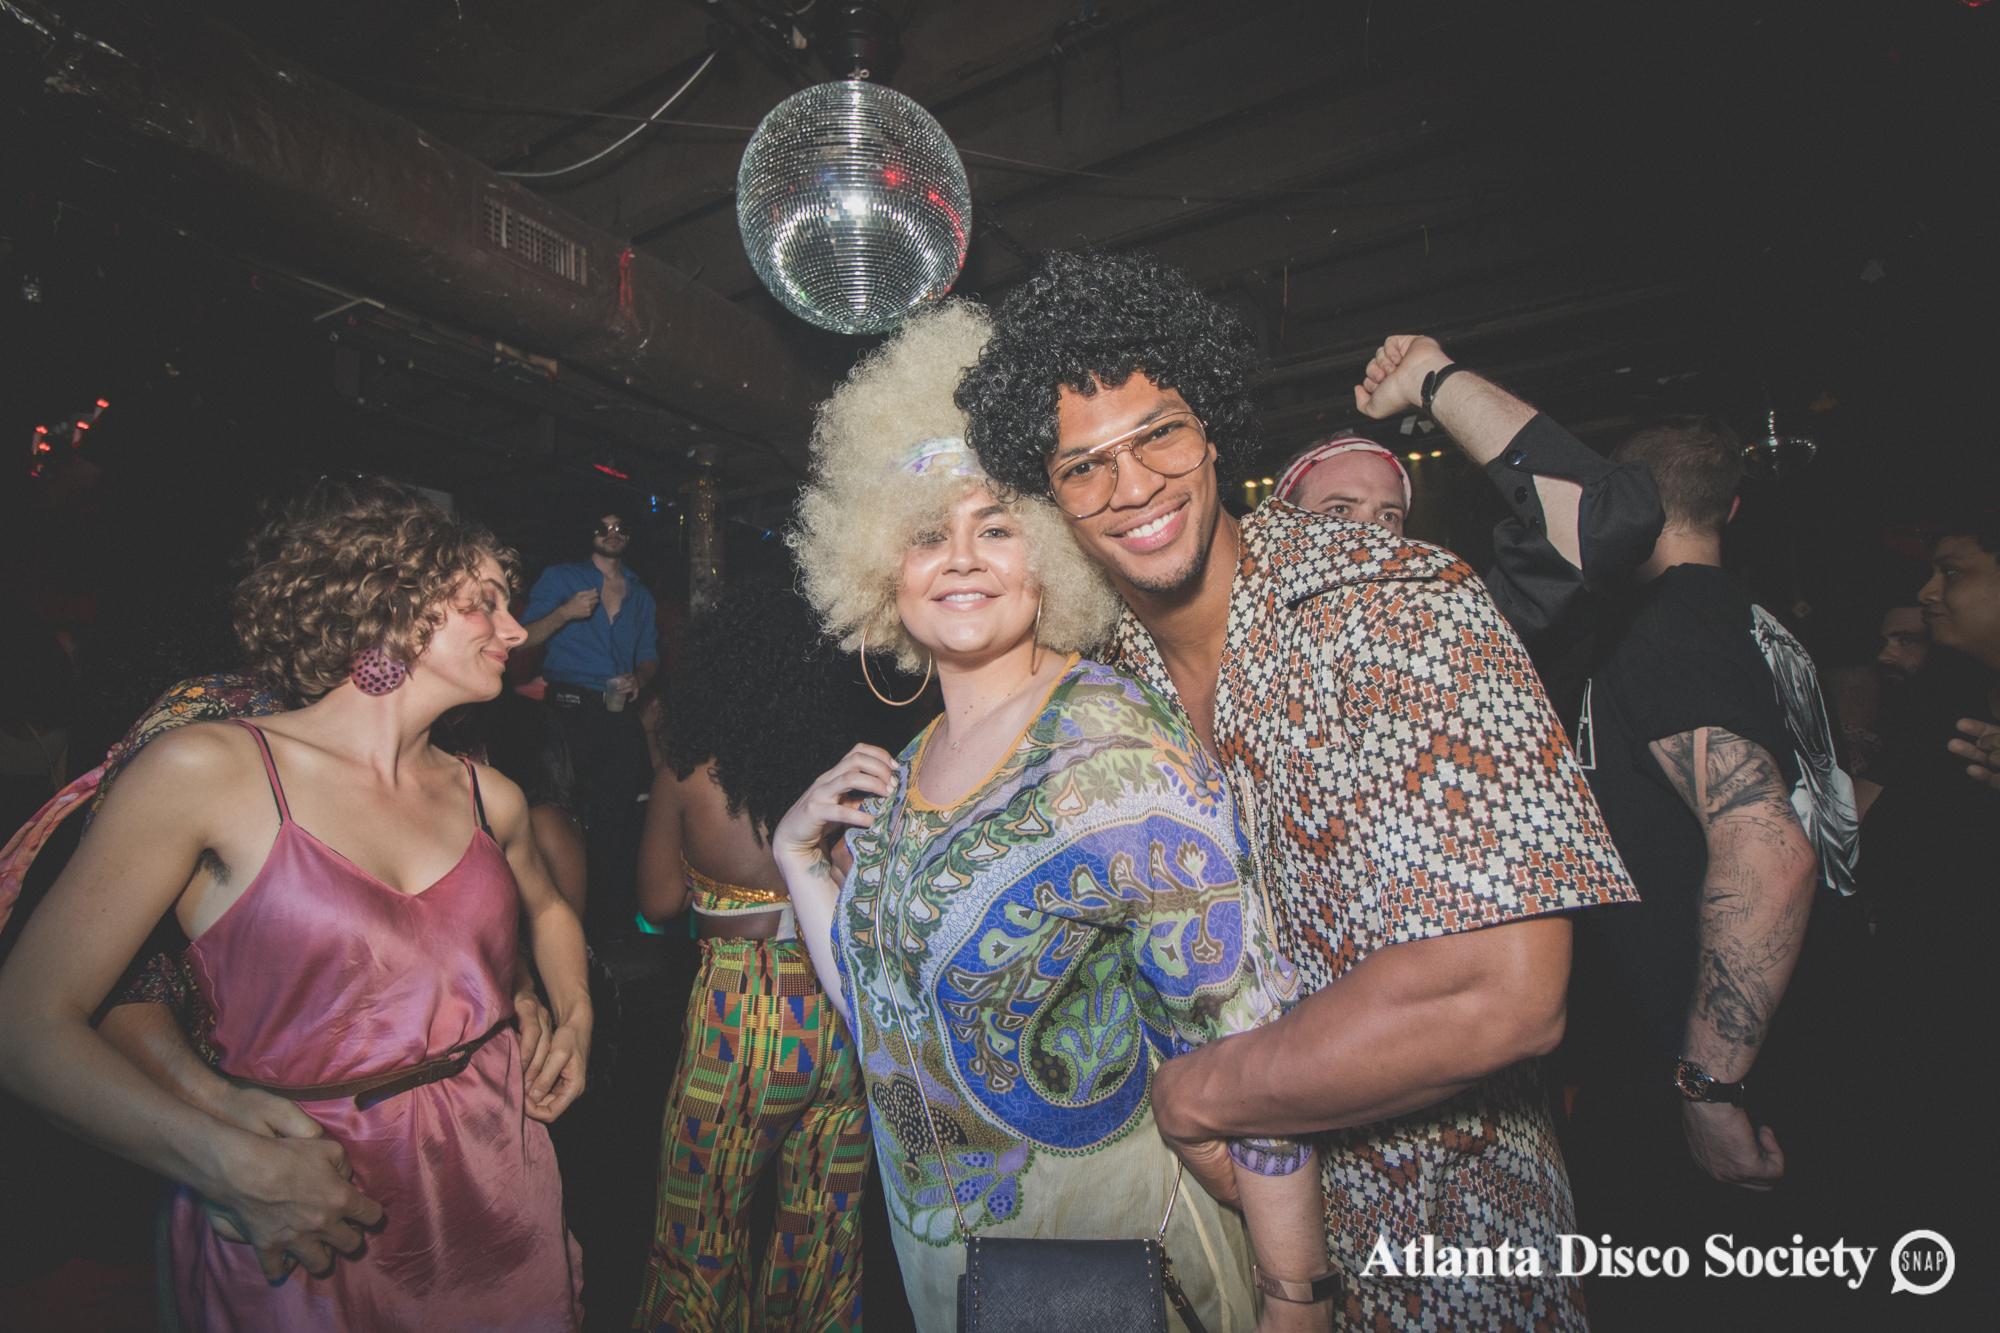 17Atlanta Disco Society Grace Kelly Oh Snap Kid 7.27.19.jpg